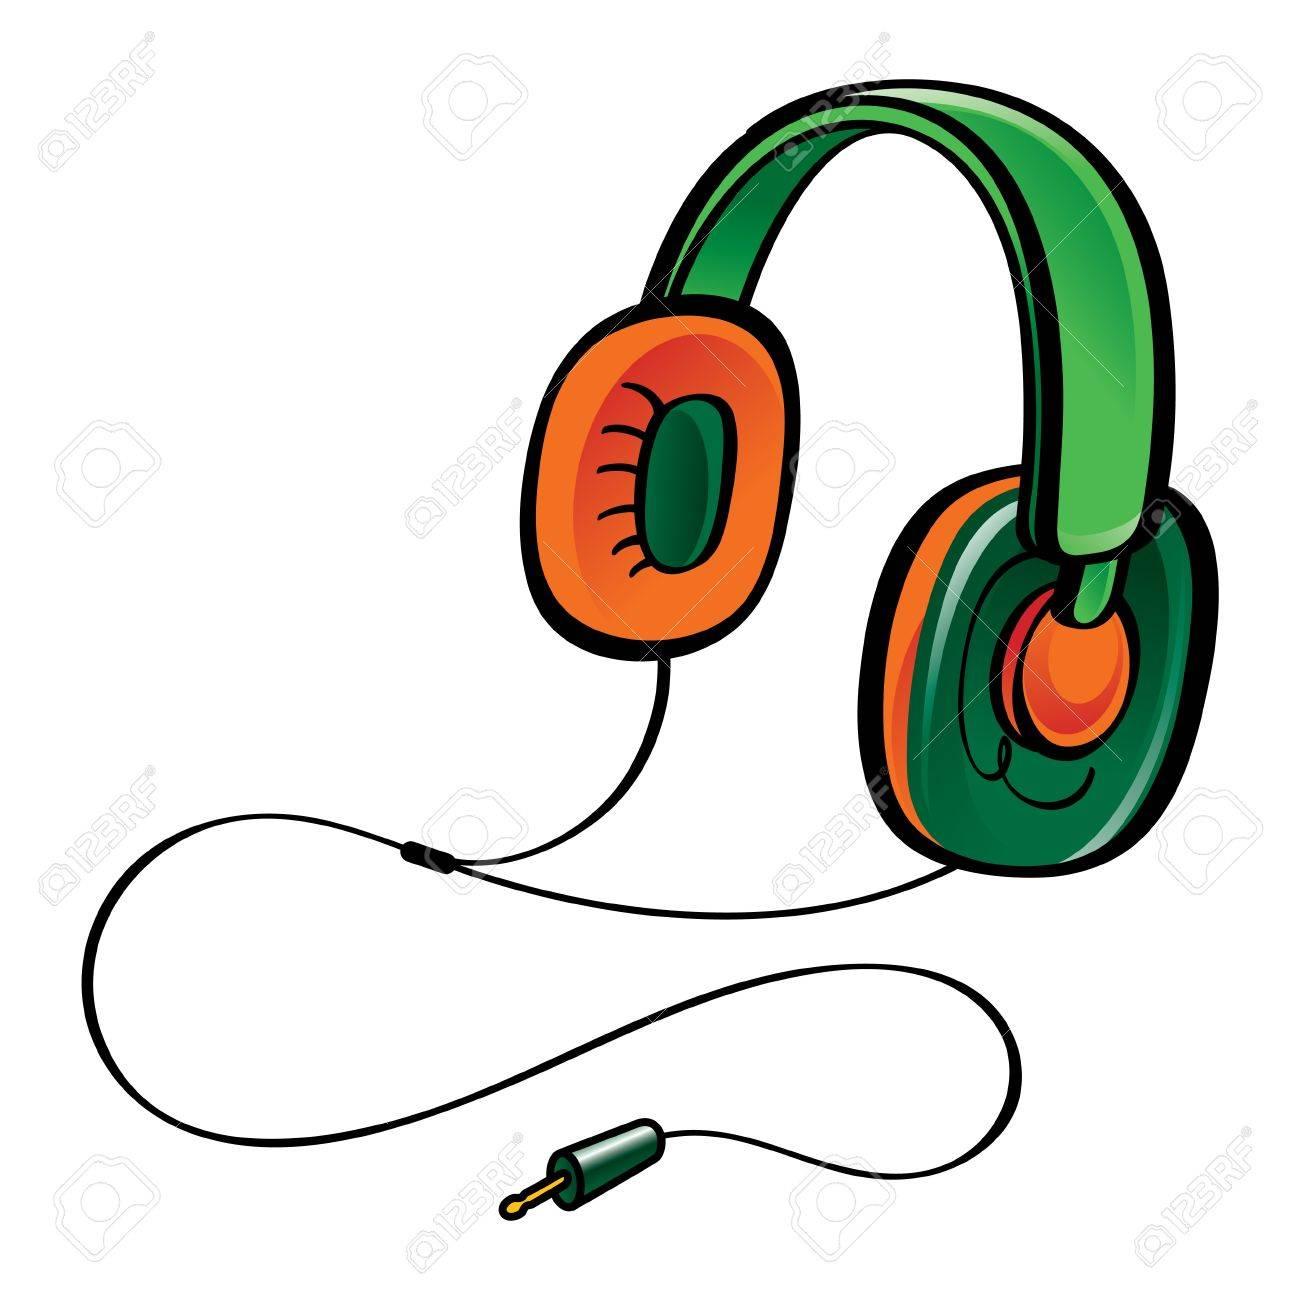 Elektronische Draht Kopfhörer Tunes Musik Und Sound Lizenzfrei ...